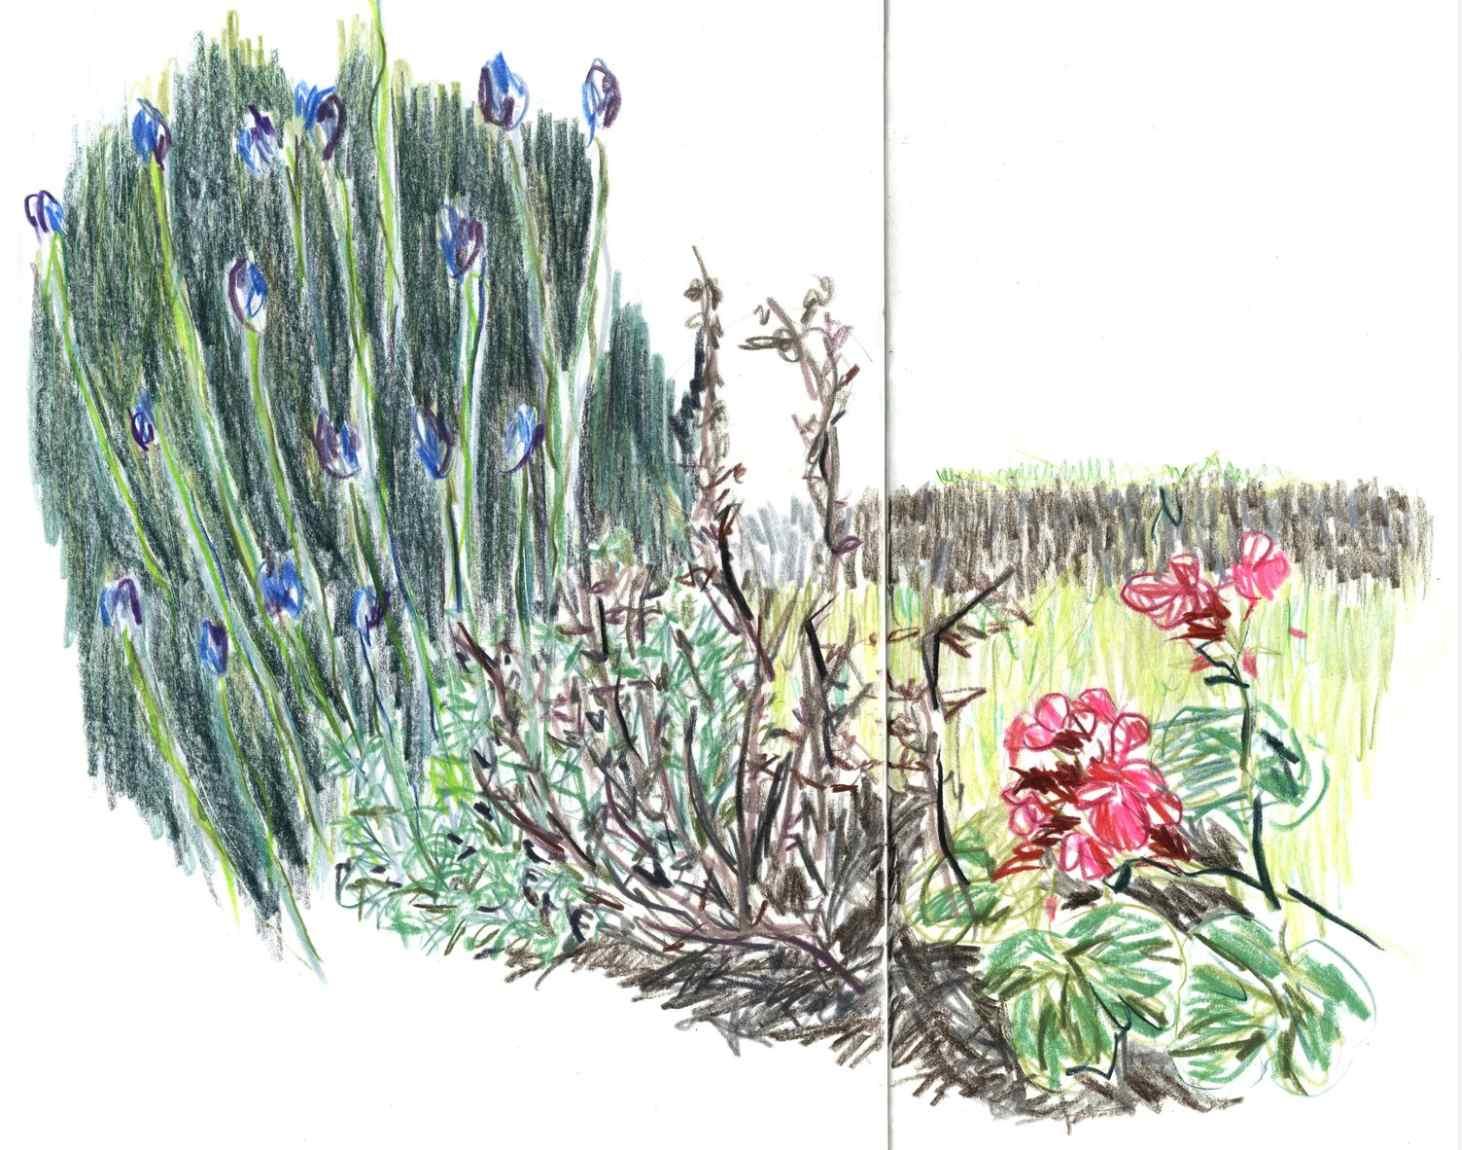 Jardin des Plantes , 2010 crayons on paper,sketchbook 59,4 x 42 cm